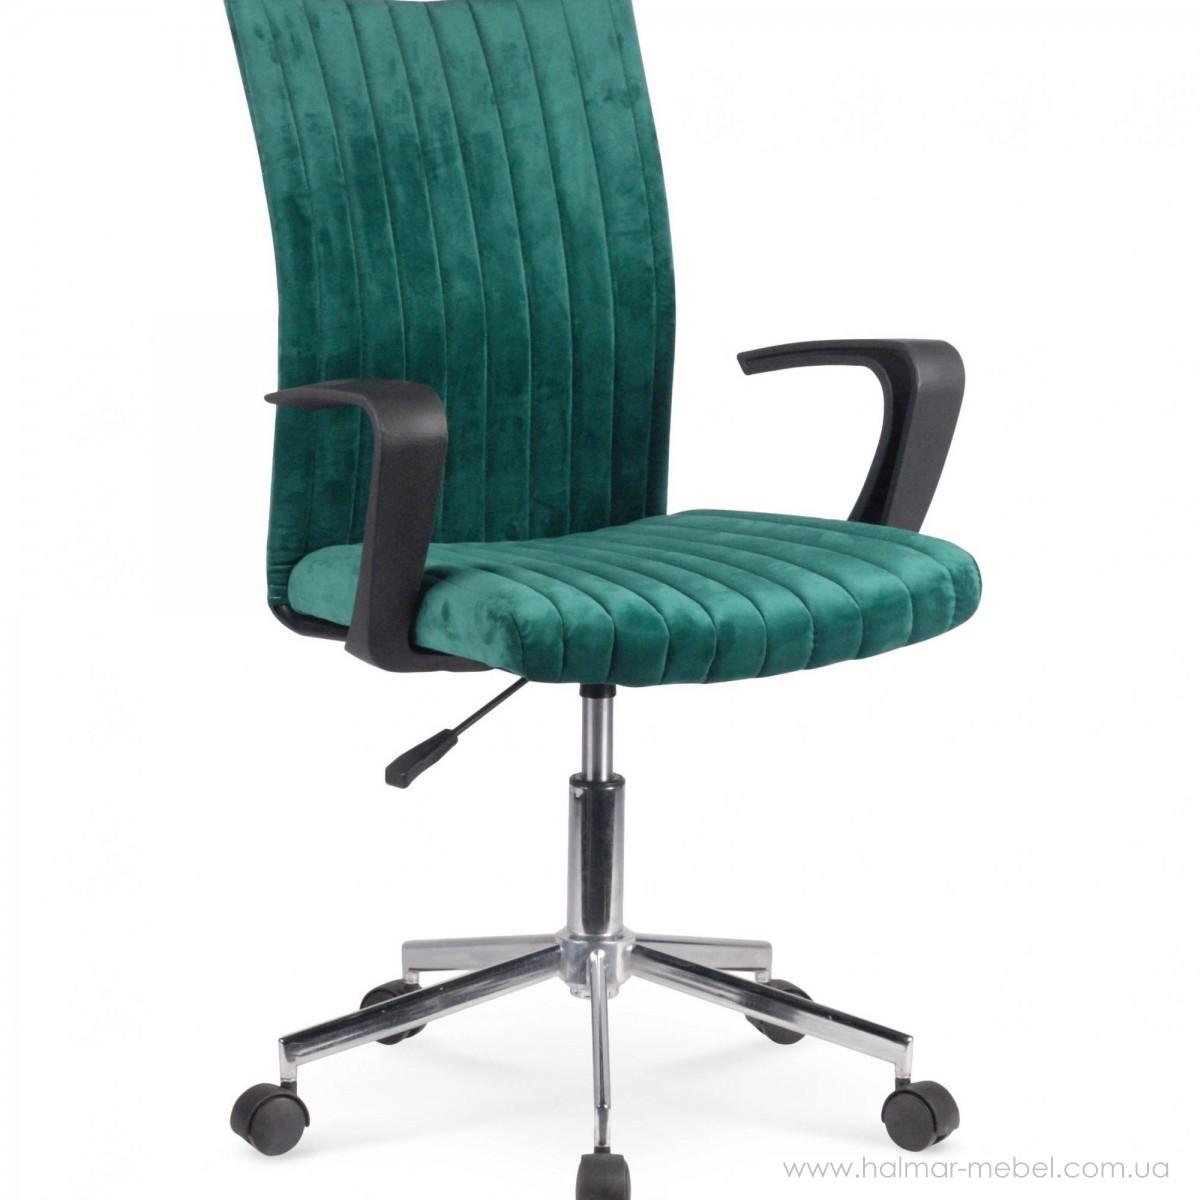 Кресло офисное DORAL HALMAR (темно-зеленый)